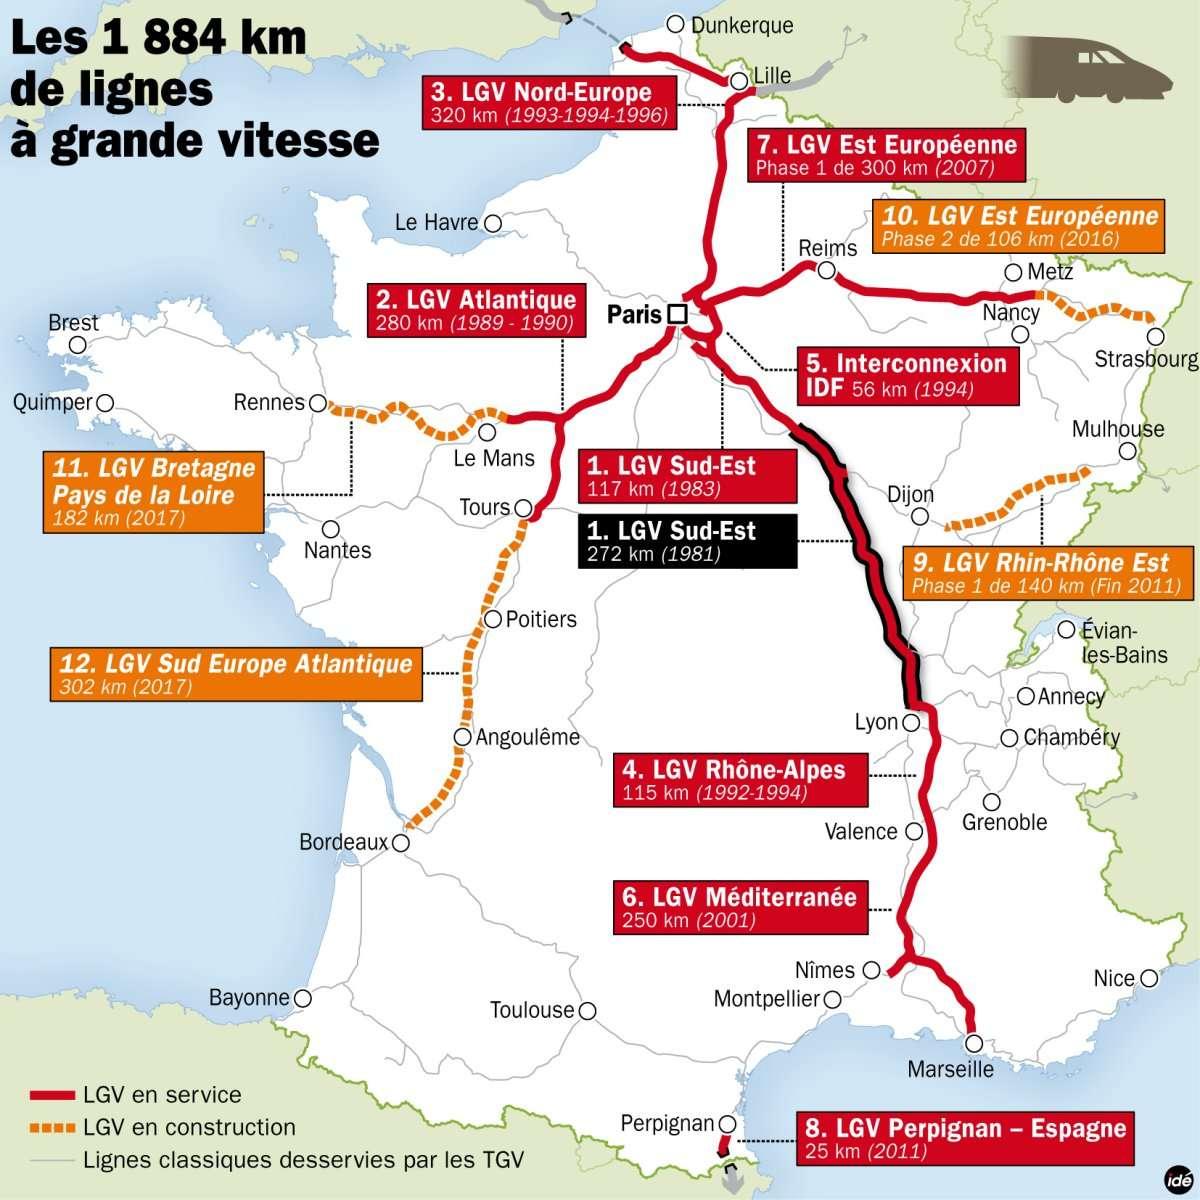 En trois décennies, les lignes à grande vitesse ont grandi et sont ramifiées vers le sud-est, l'est, le nord (et le Royaume-Uni). Vers l'ouest et le sud, en revanche, la pousse est plus timide. On remarque entre Mulhouse et Dijon un embryon de ligne révolutionnaire : elle ne passera pas par Paris. © Idé